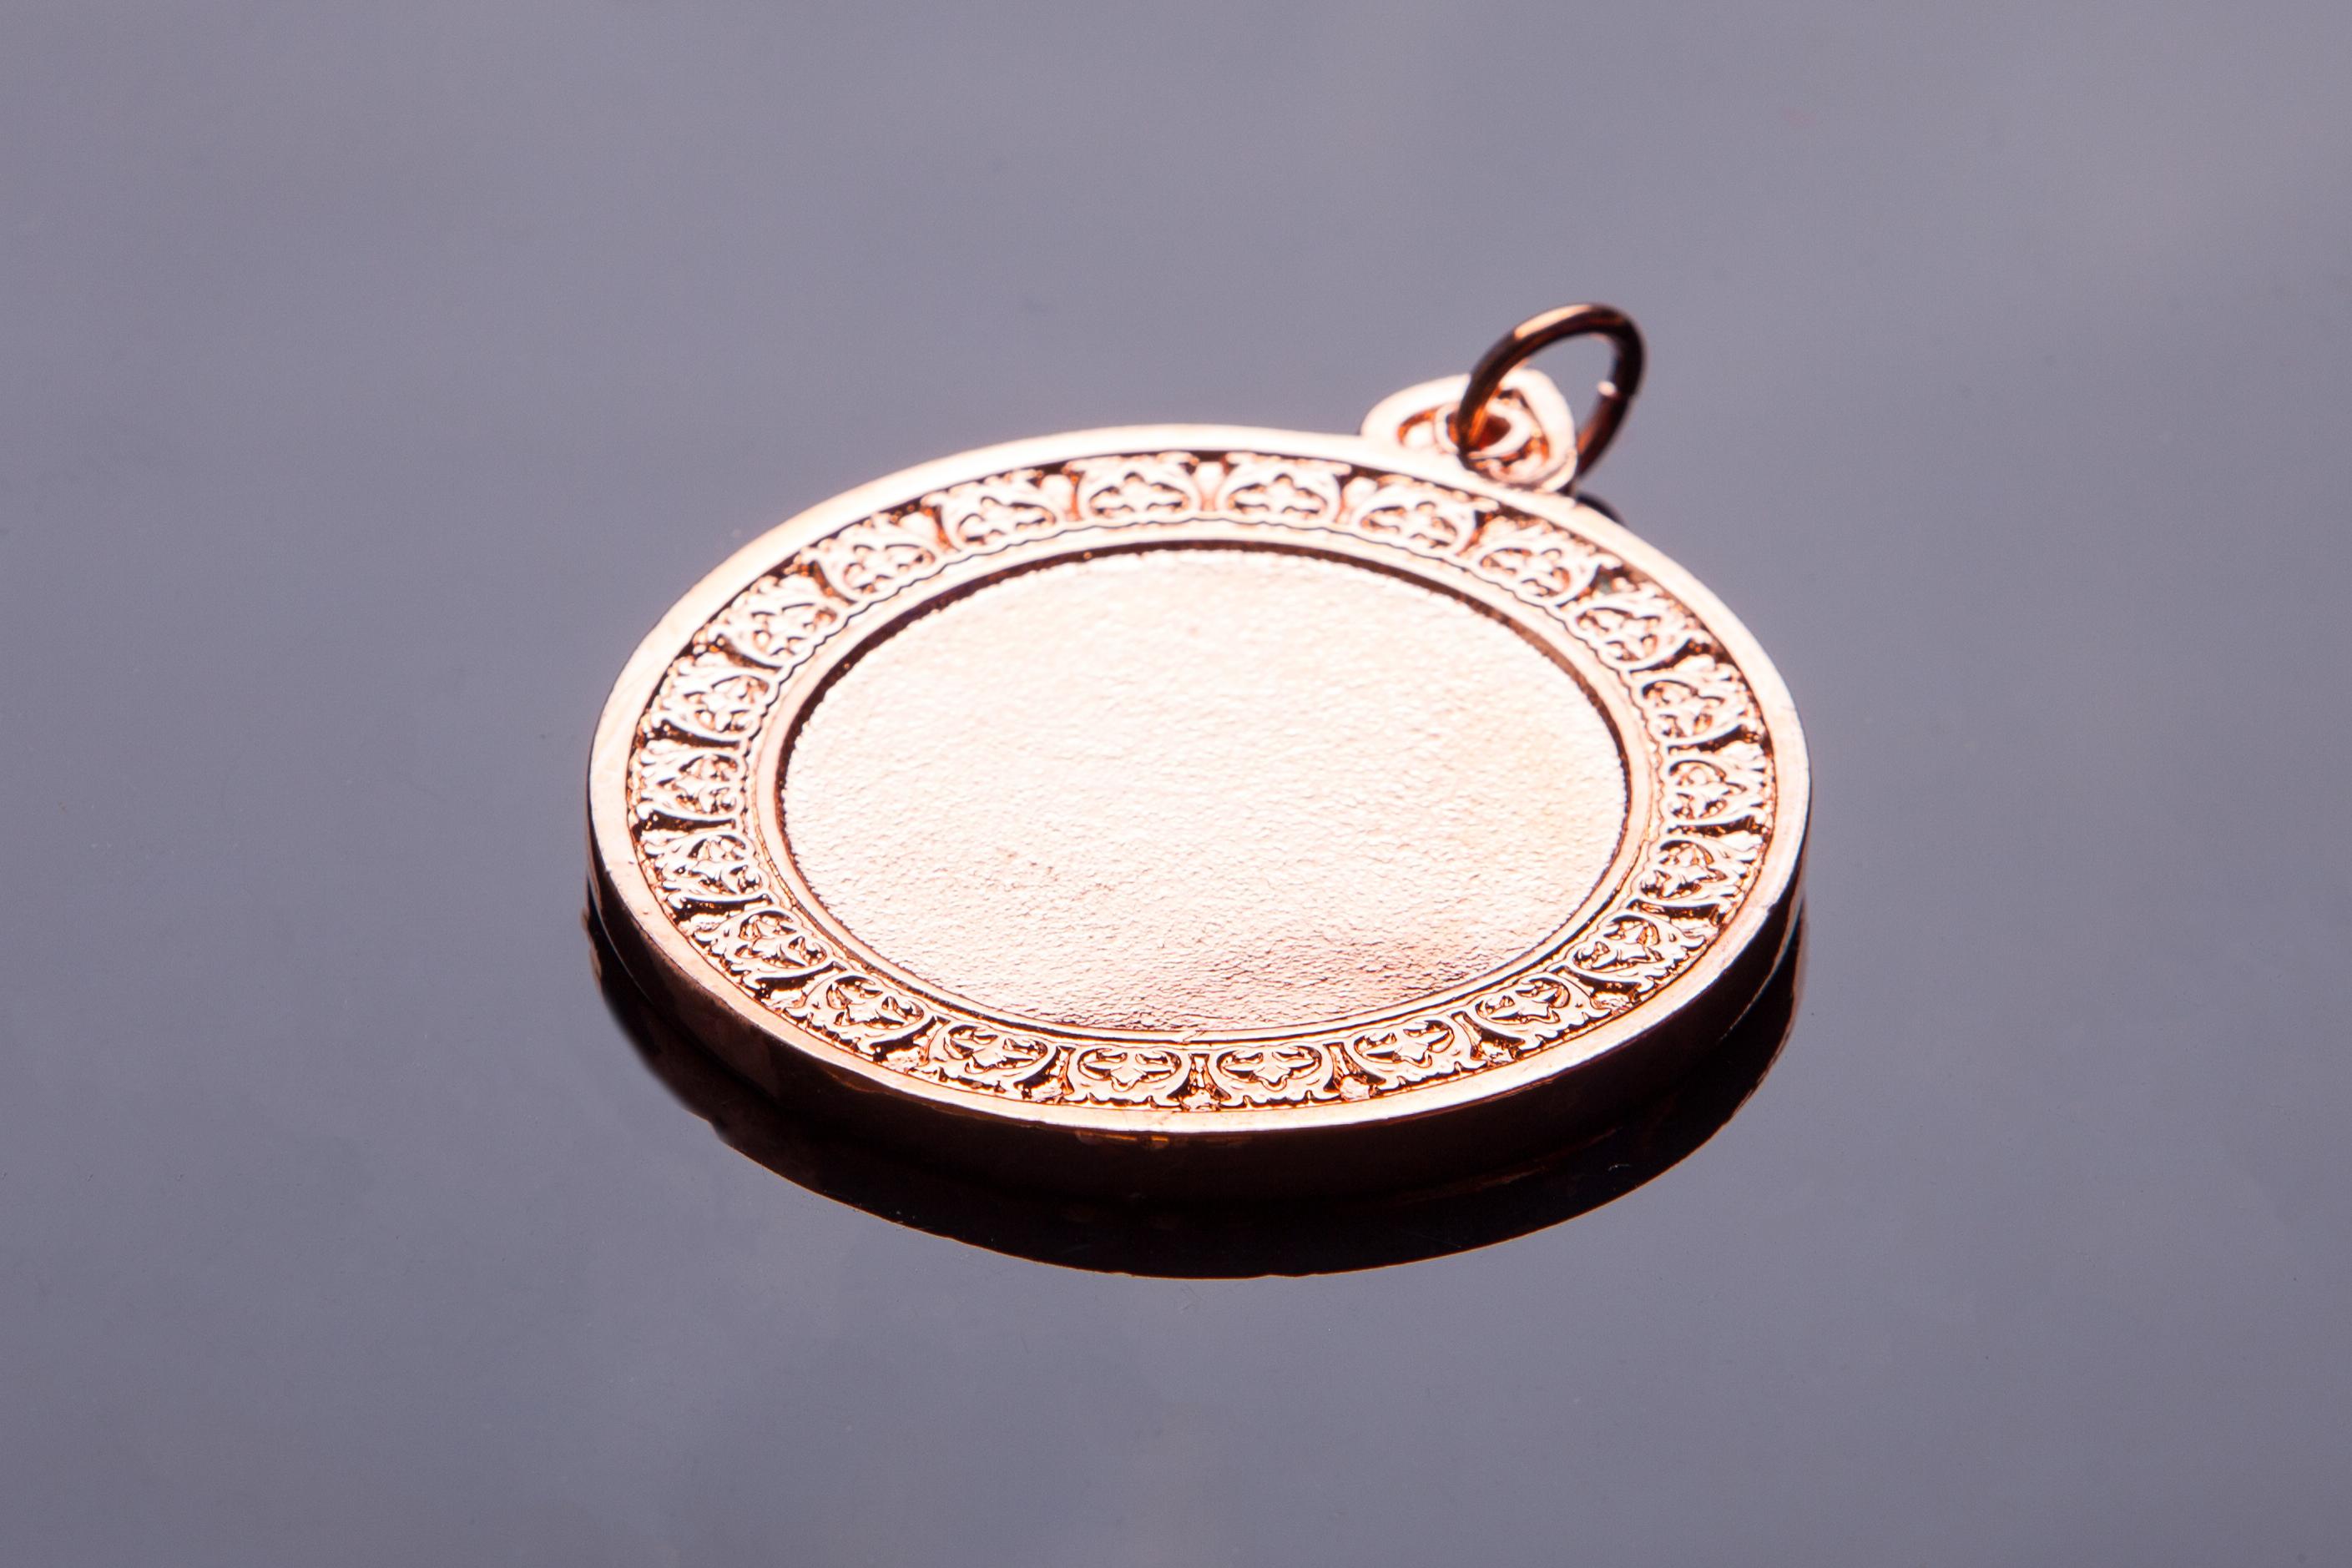 เหรียญตะกั่วทองแดง